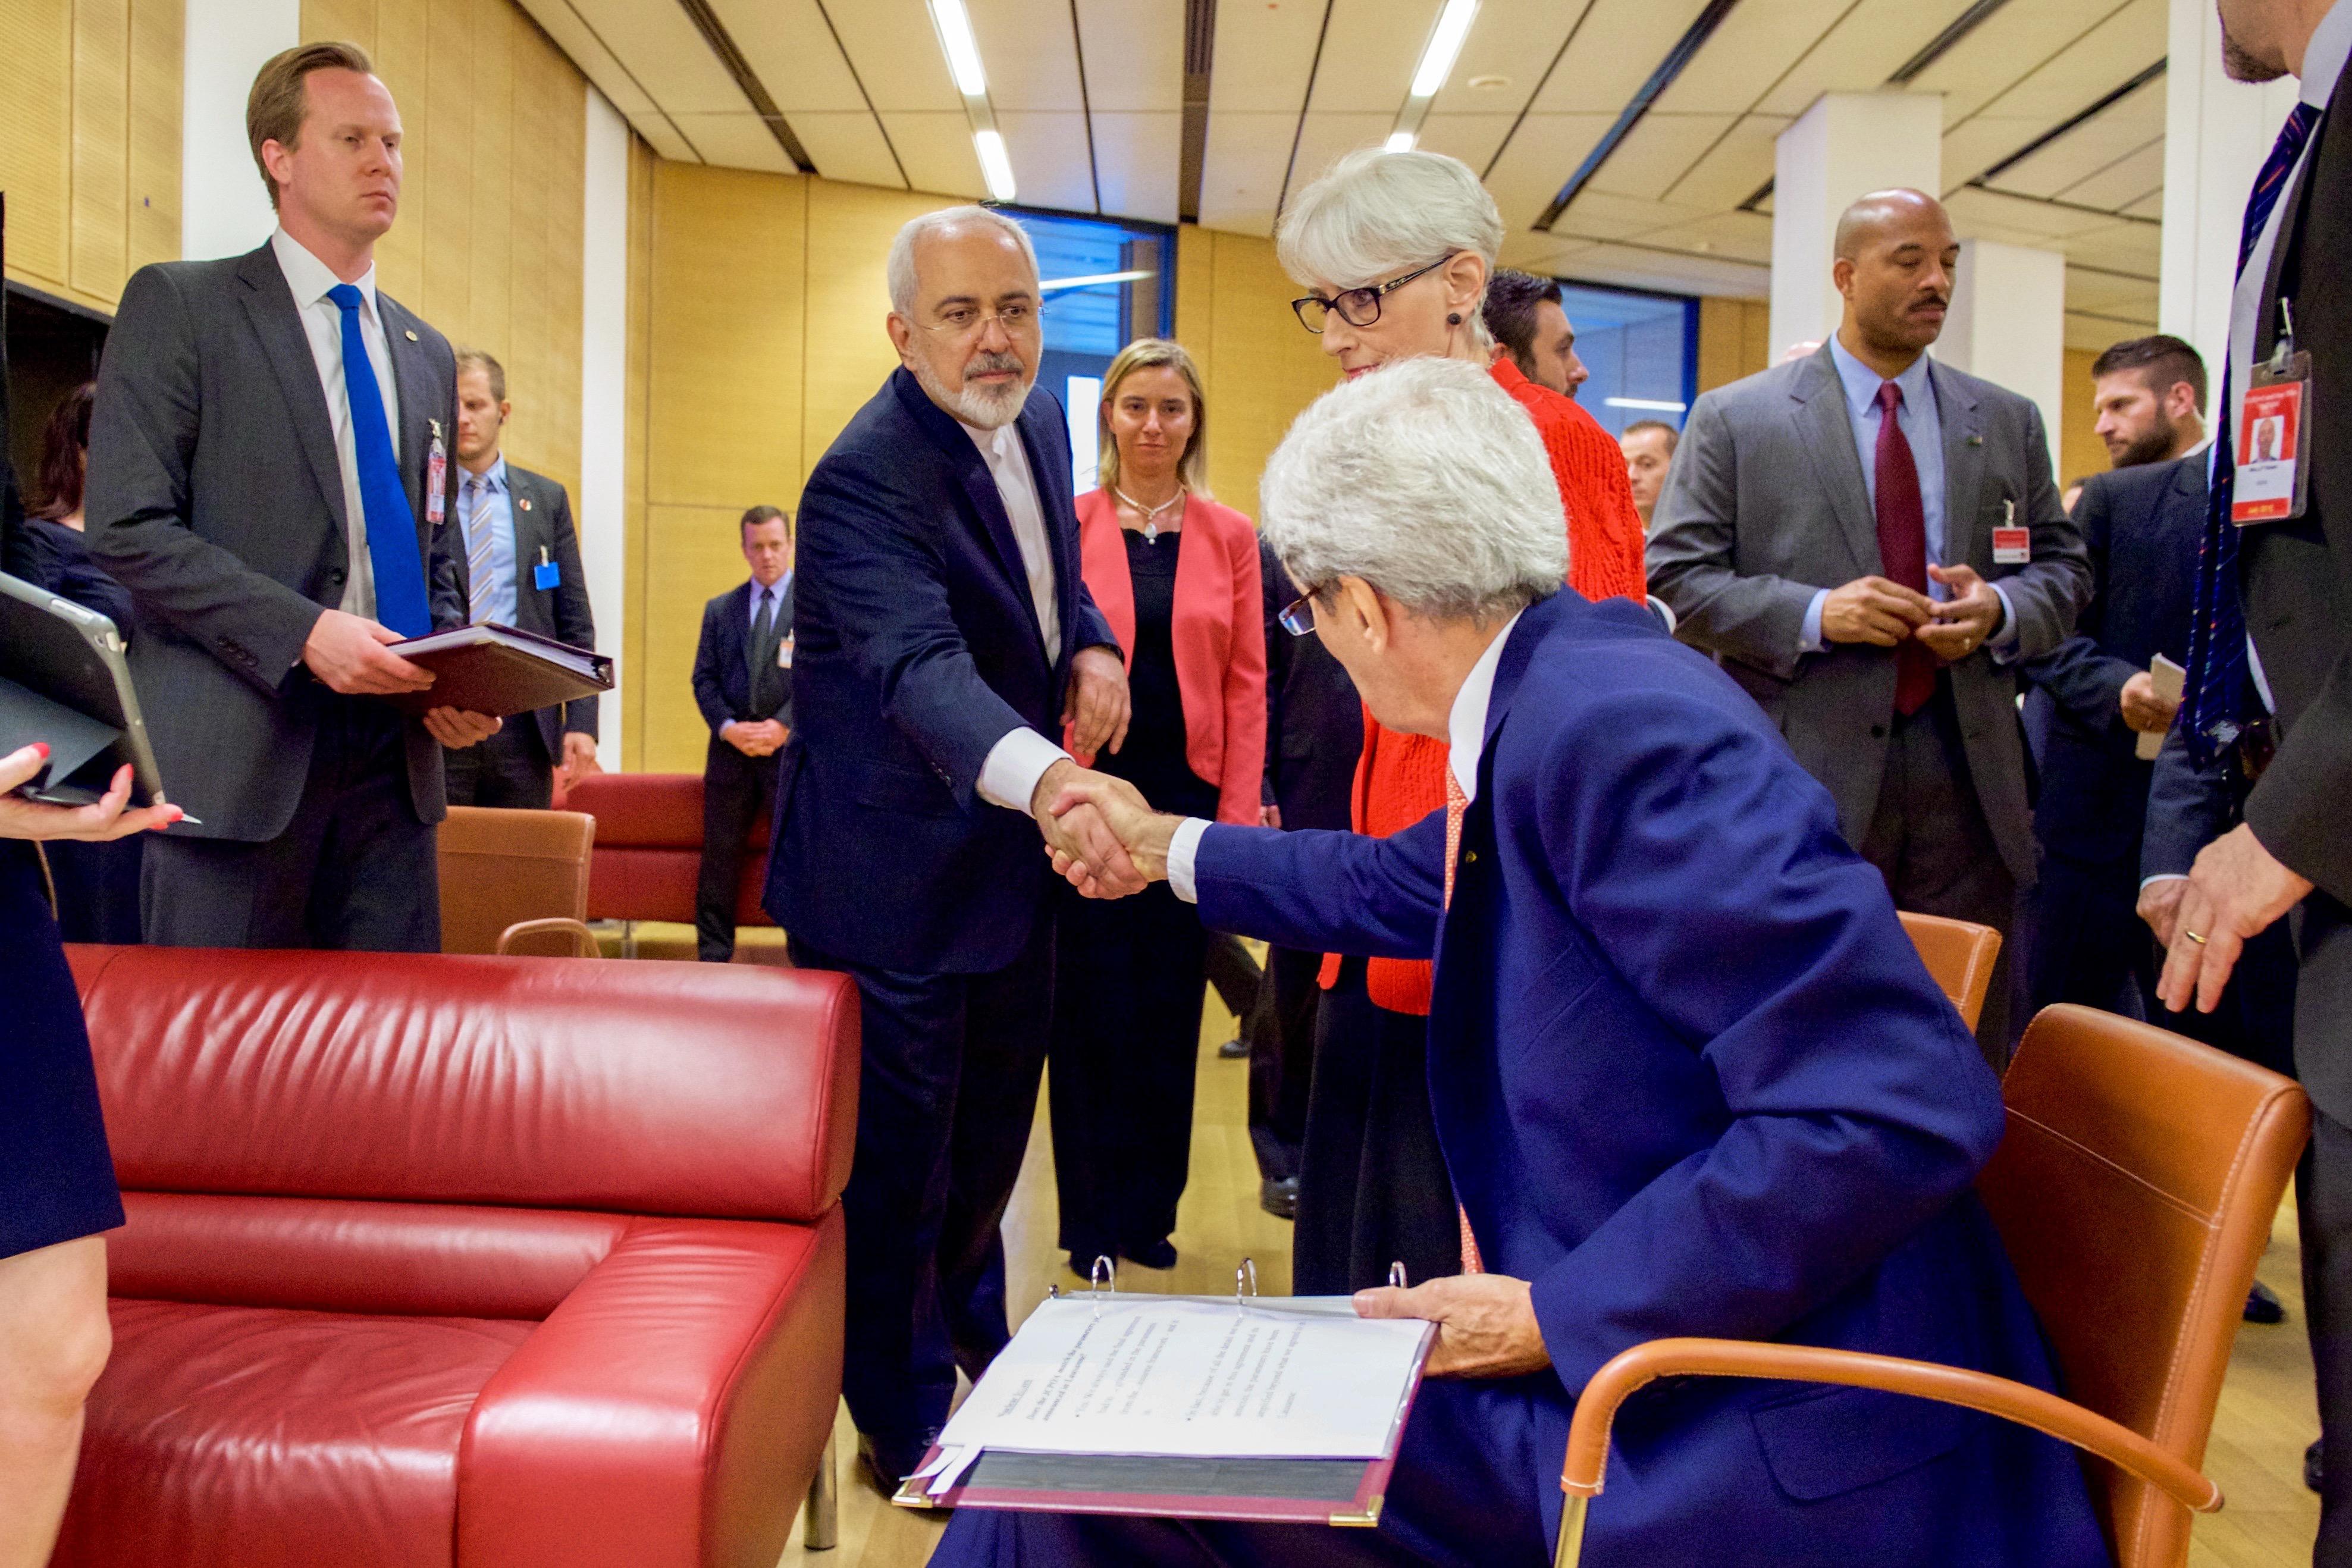 Uścisk dłoni Kerry'ego i Zarifa, 14 lipca 2015 (fot. U.S. Department of State)